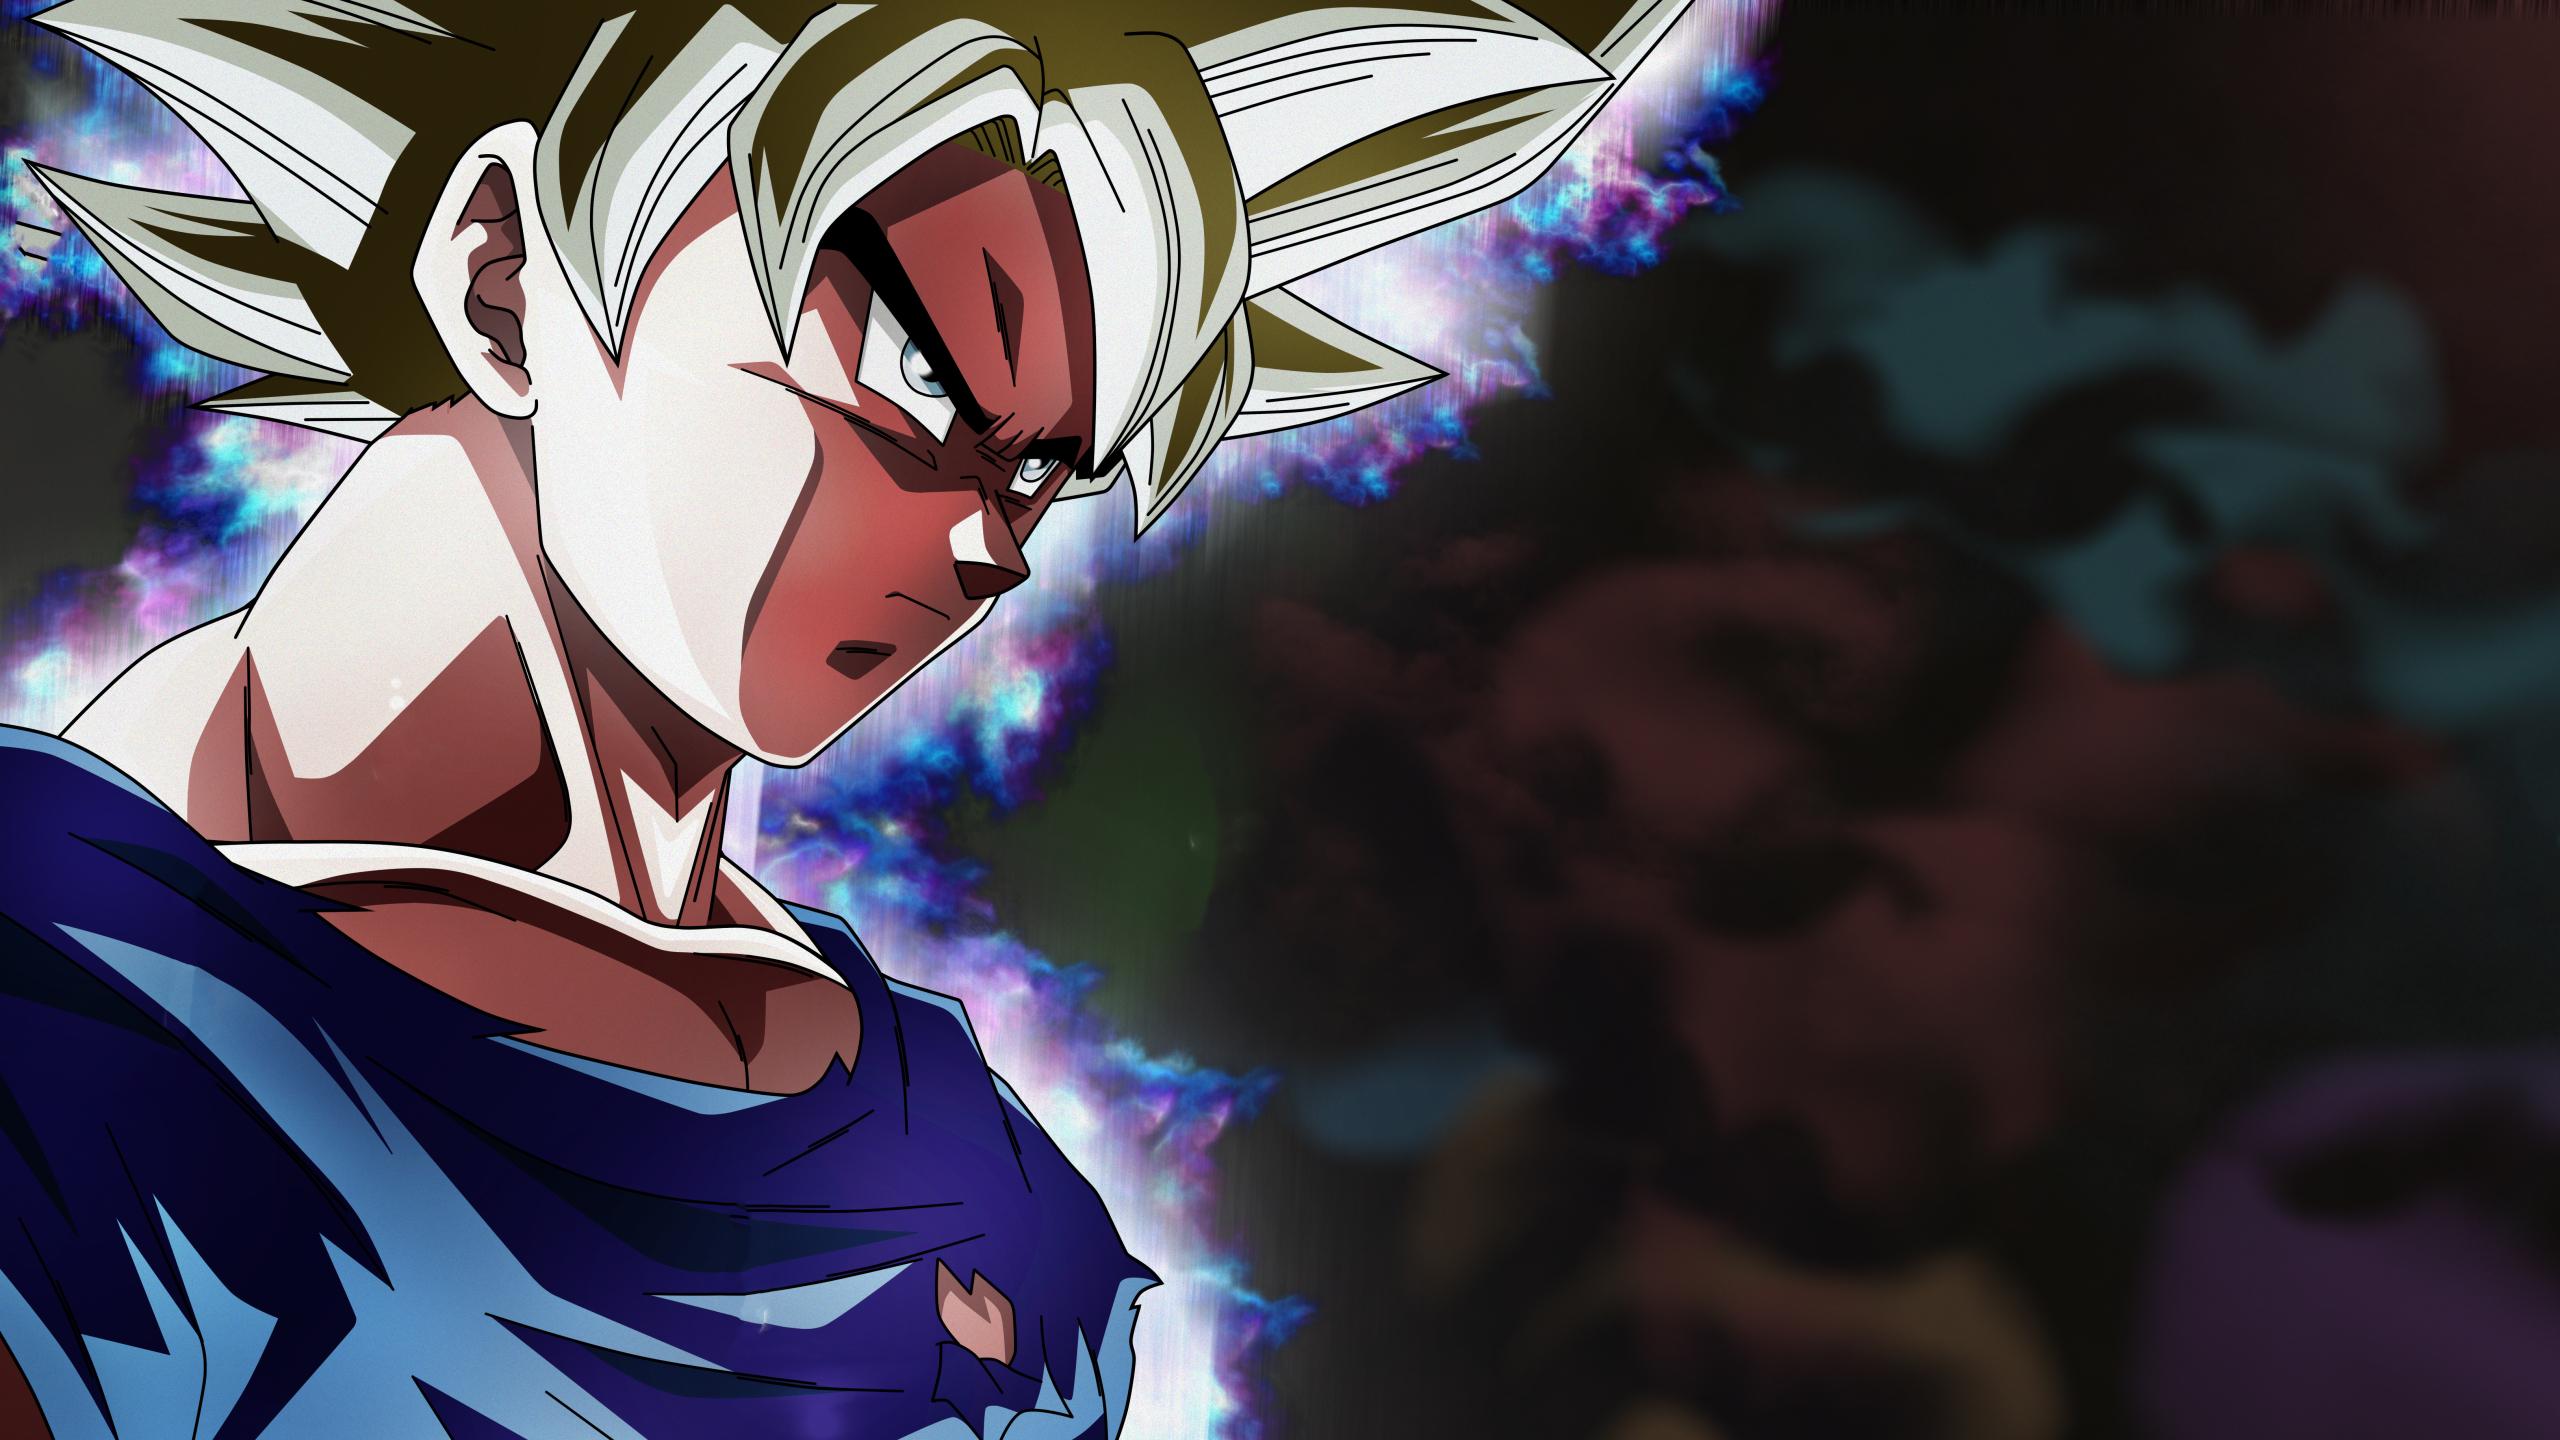 Angry Goku Dragon Ball Super, HD 8K Wallpaper